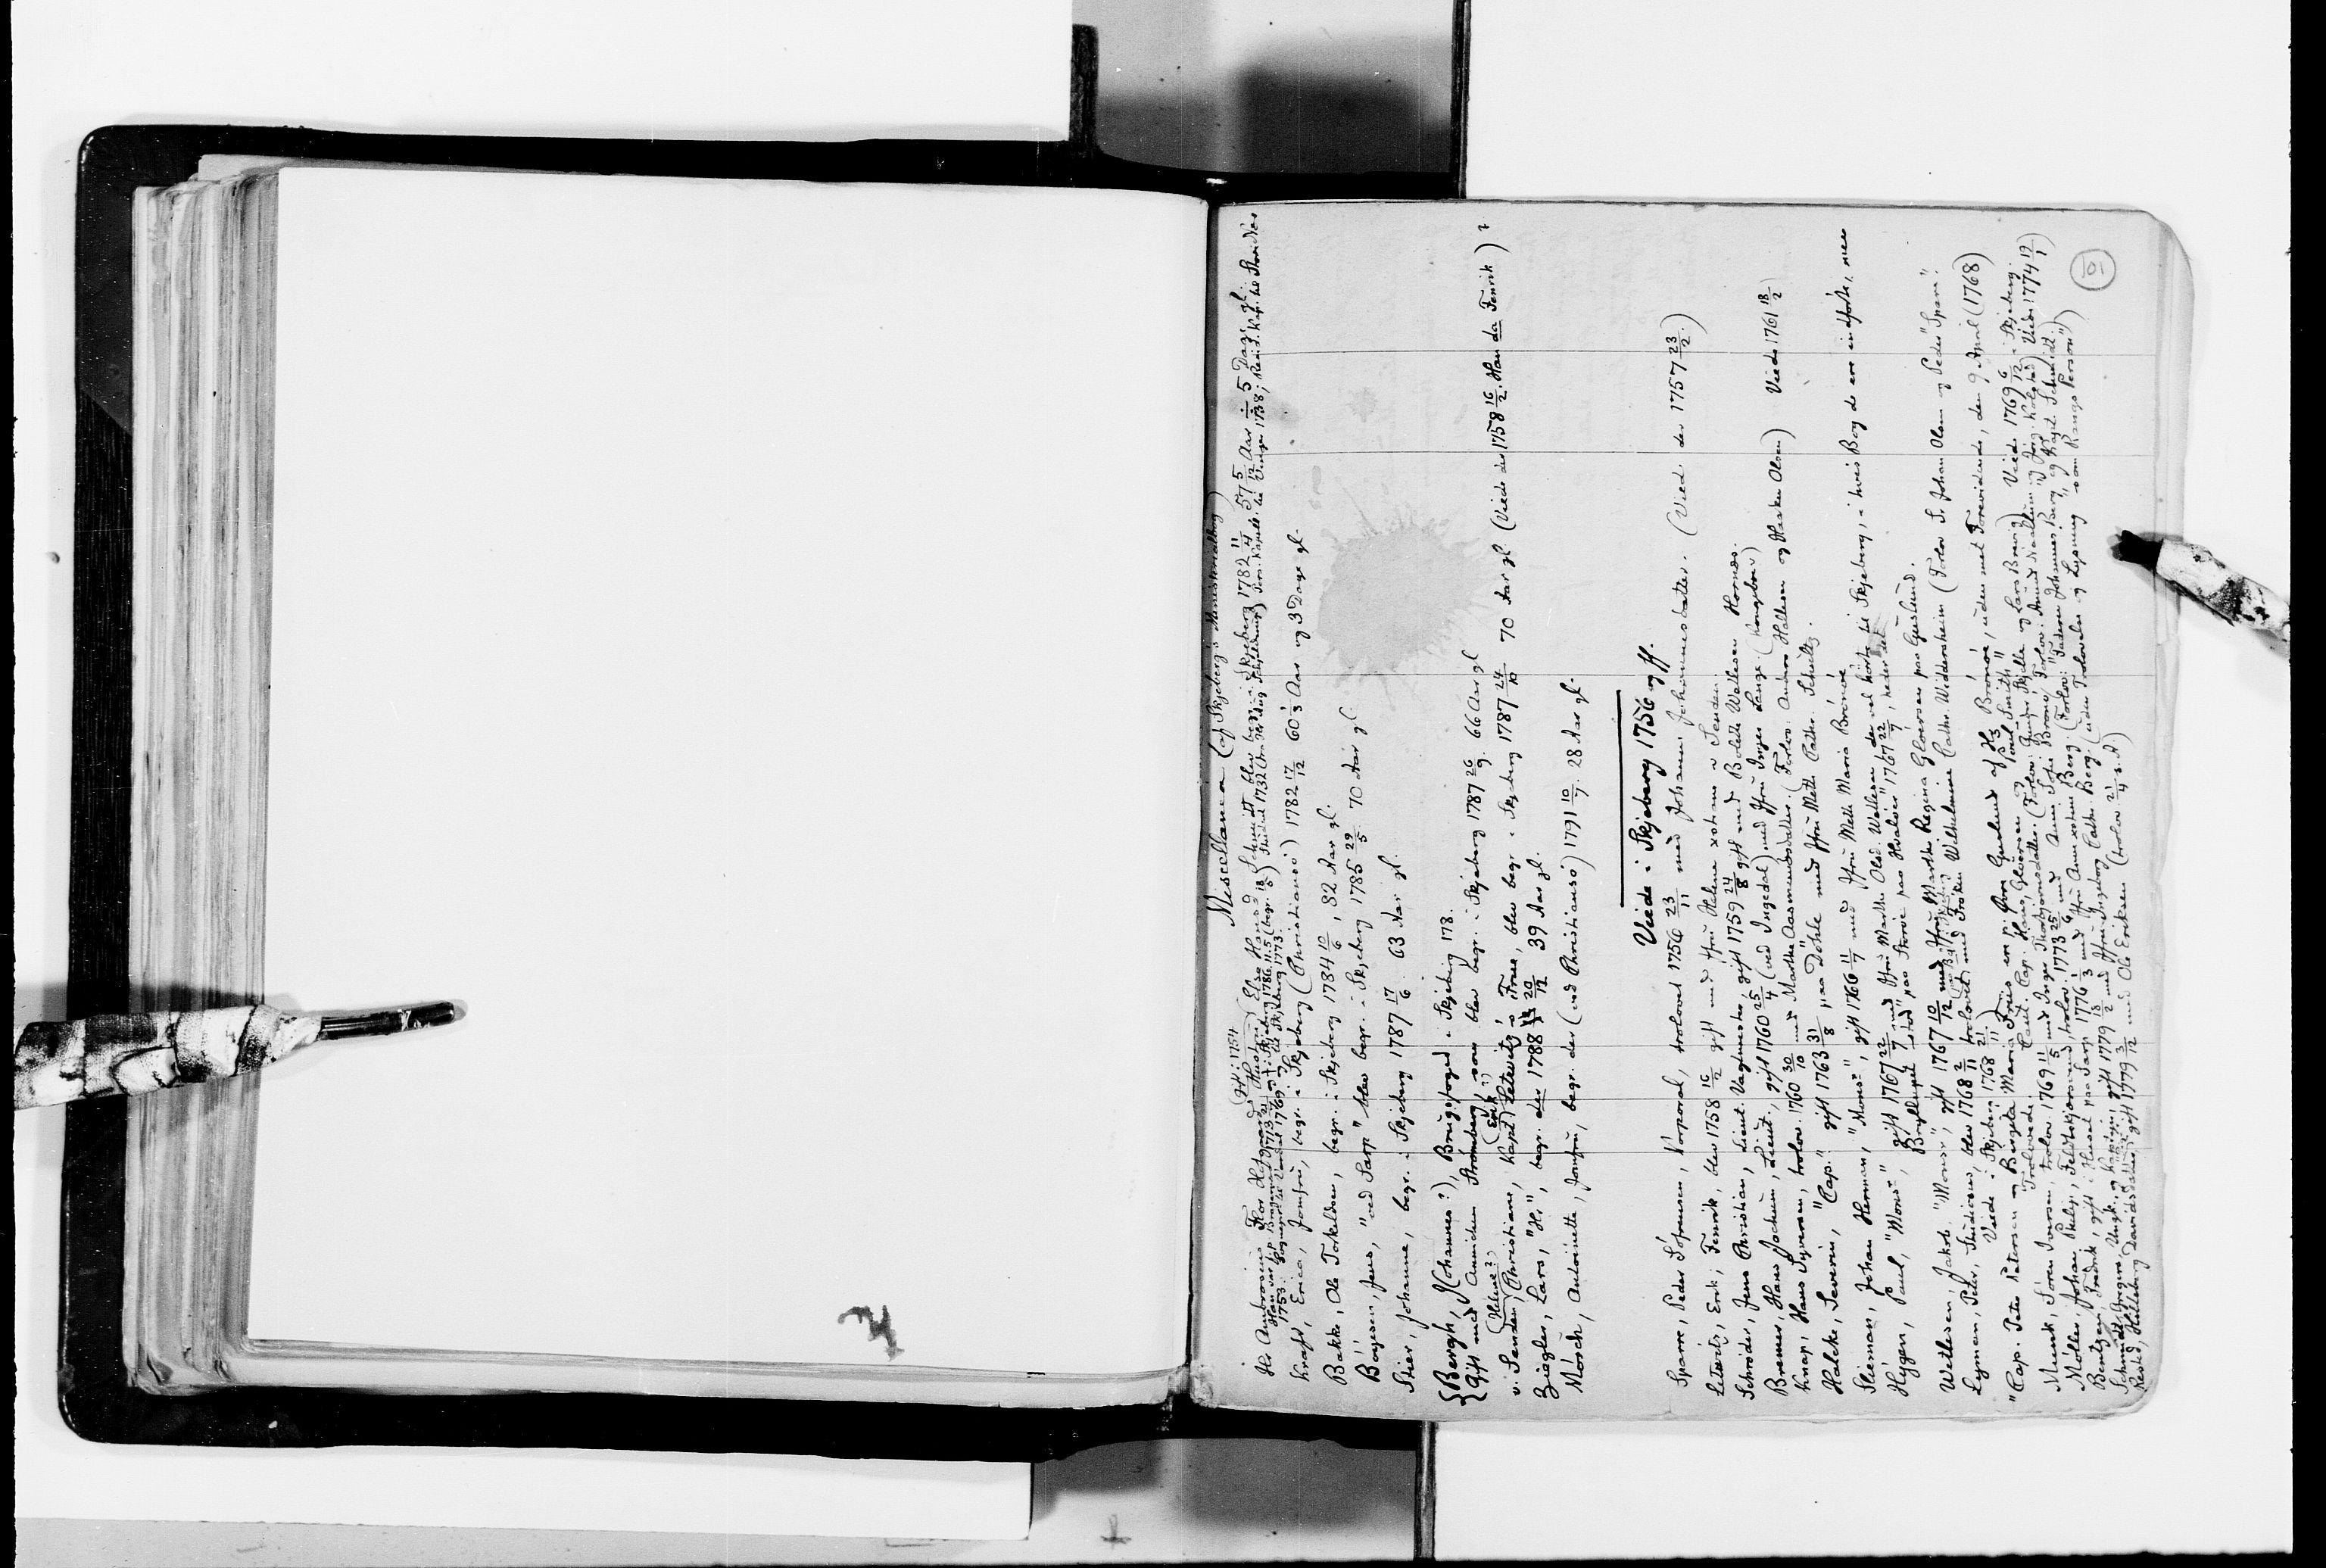 RA, Lassens samlinger, F/Fc, s. 101